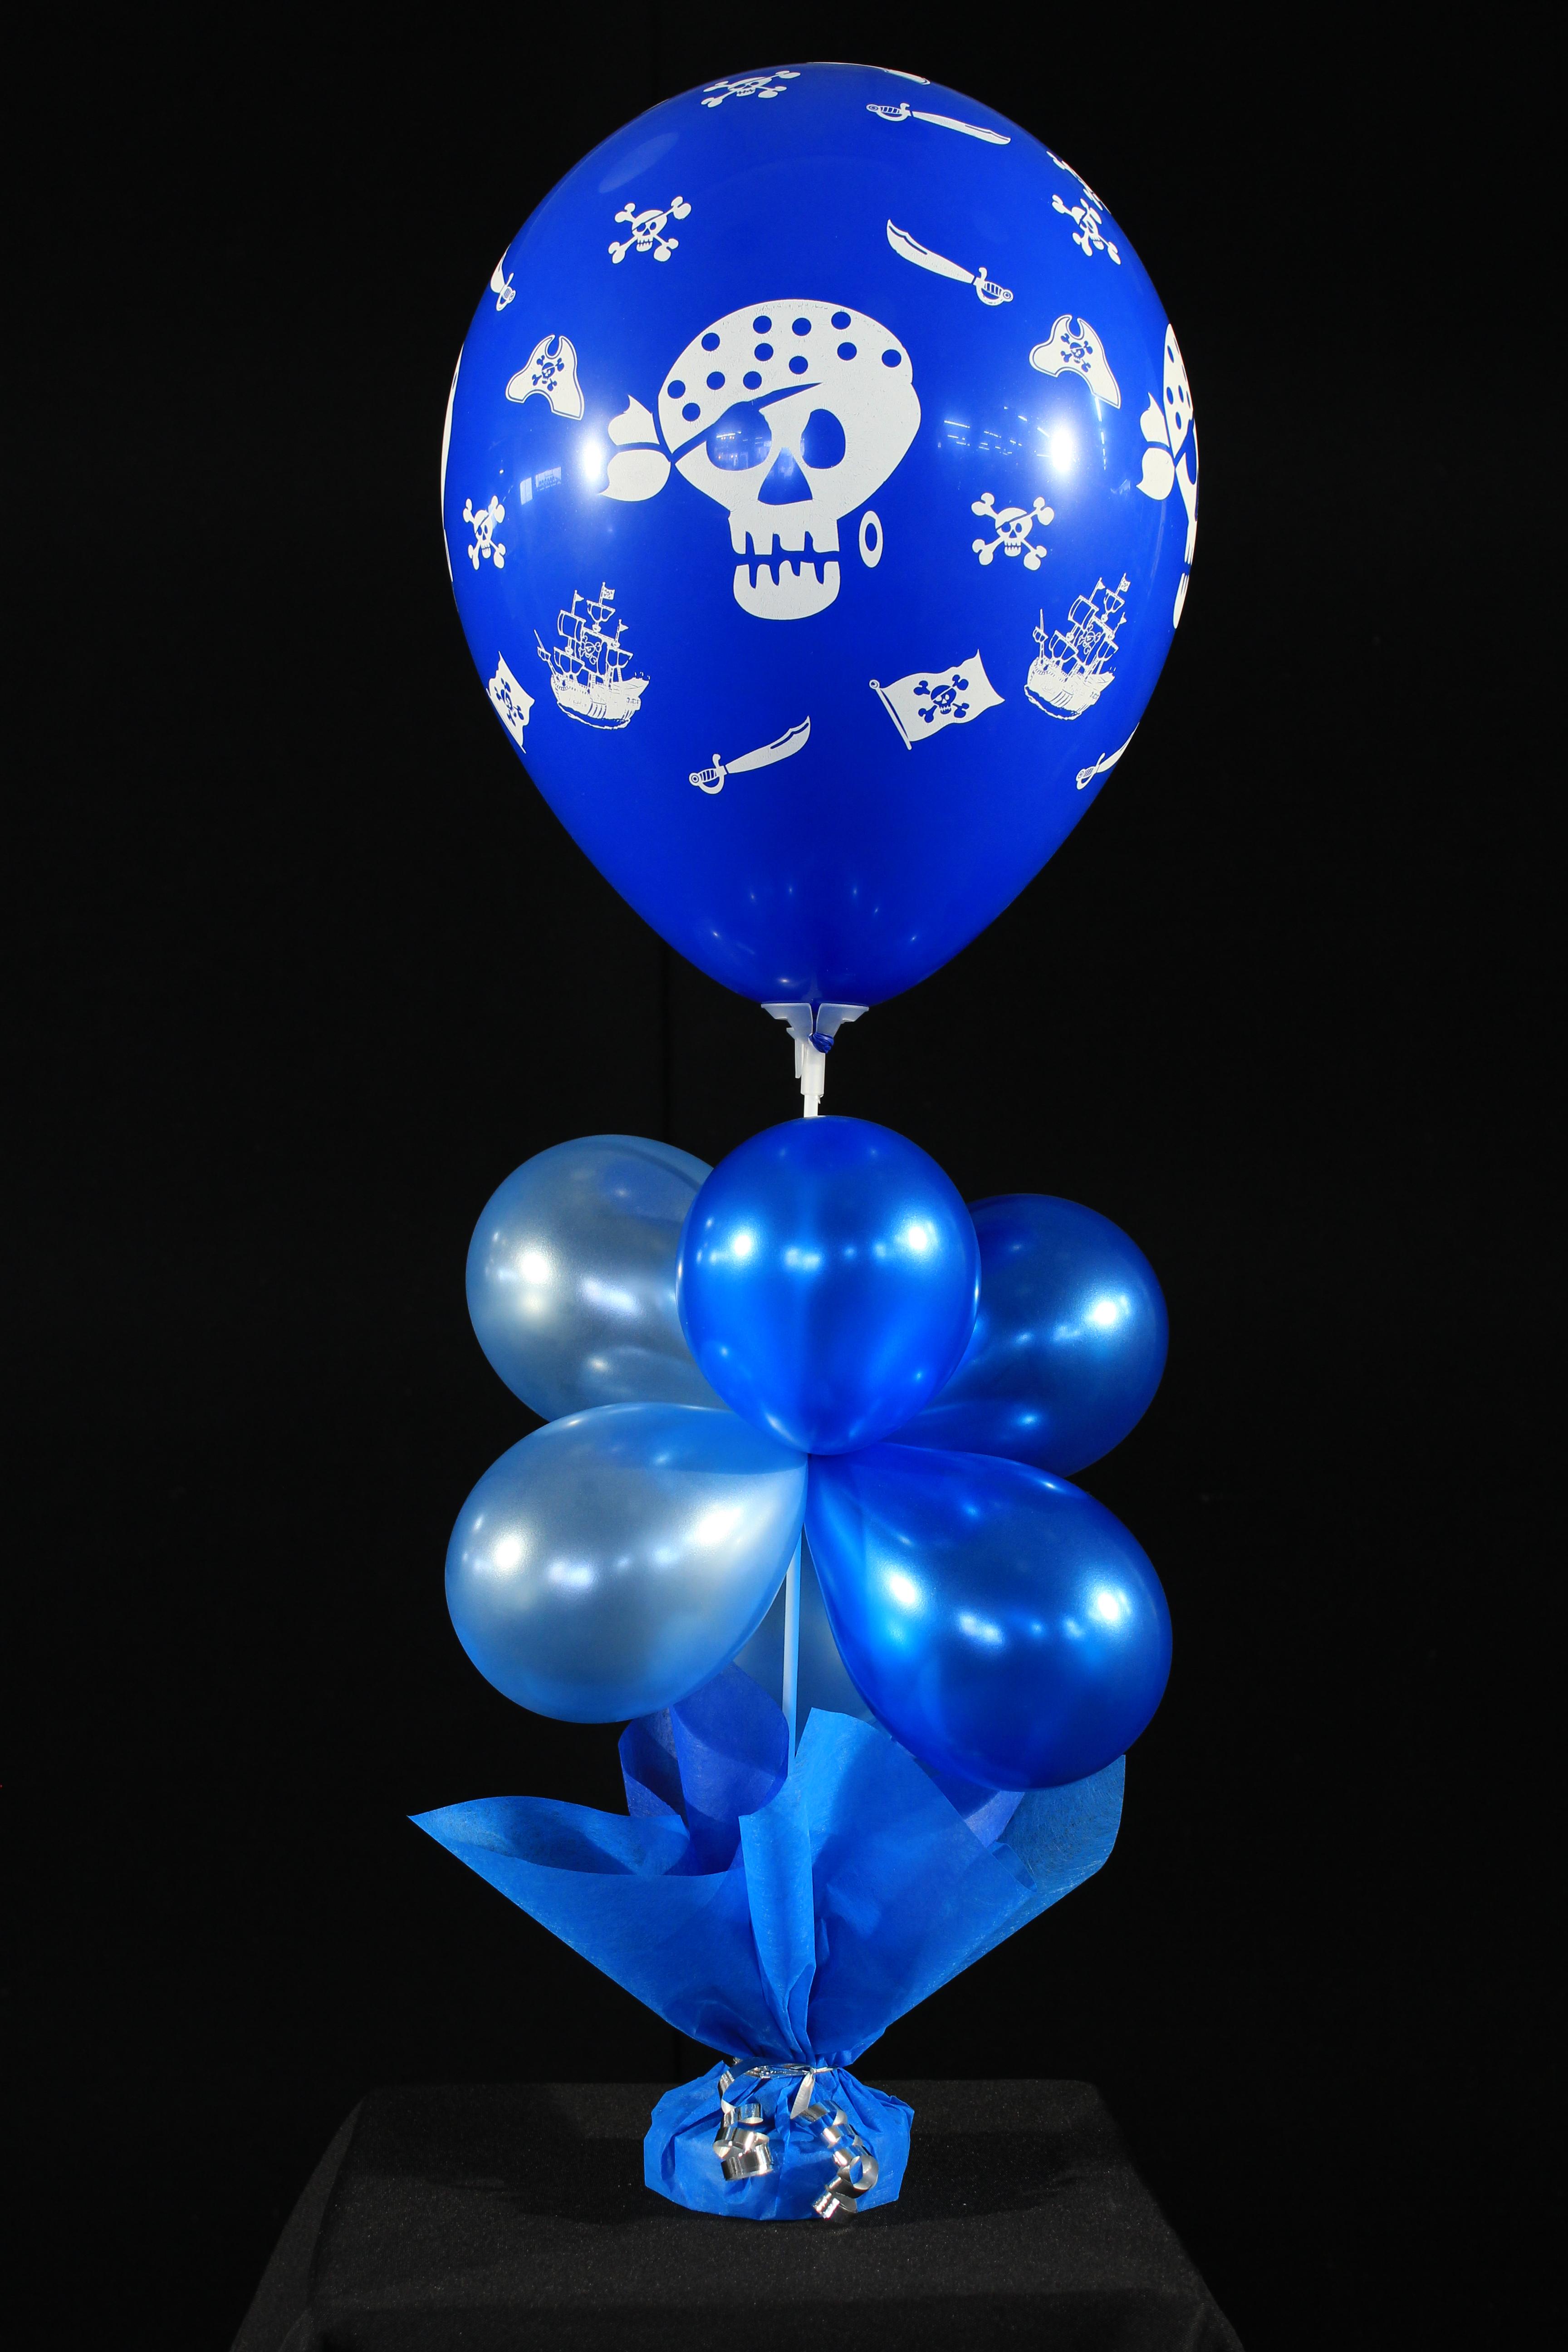 Pirate Party arrangement